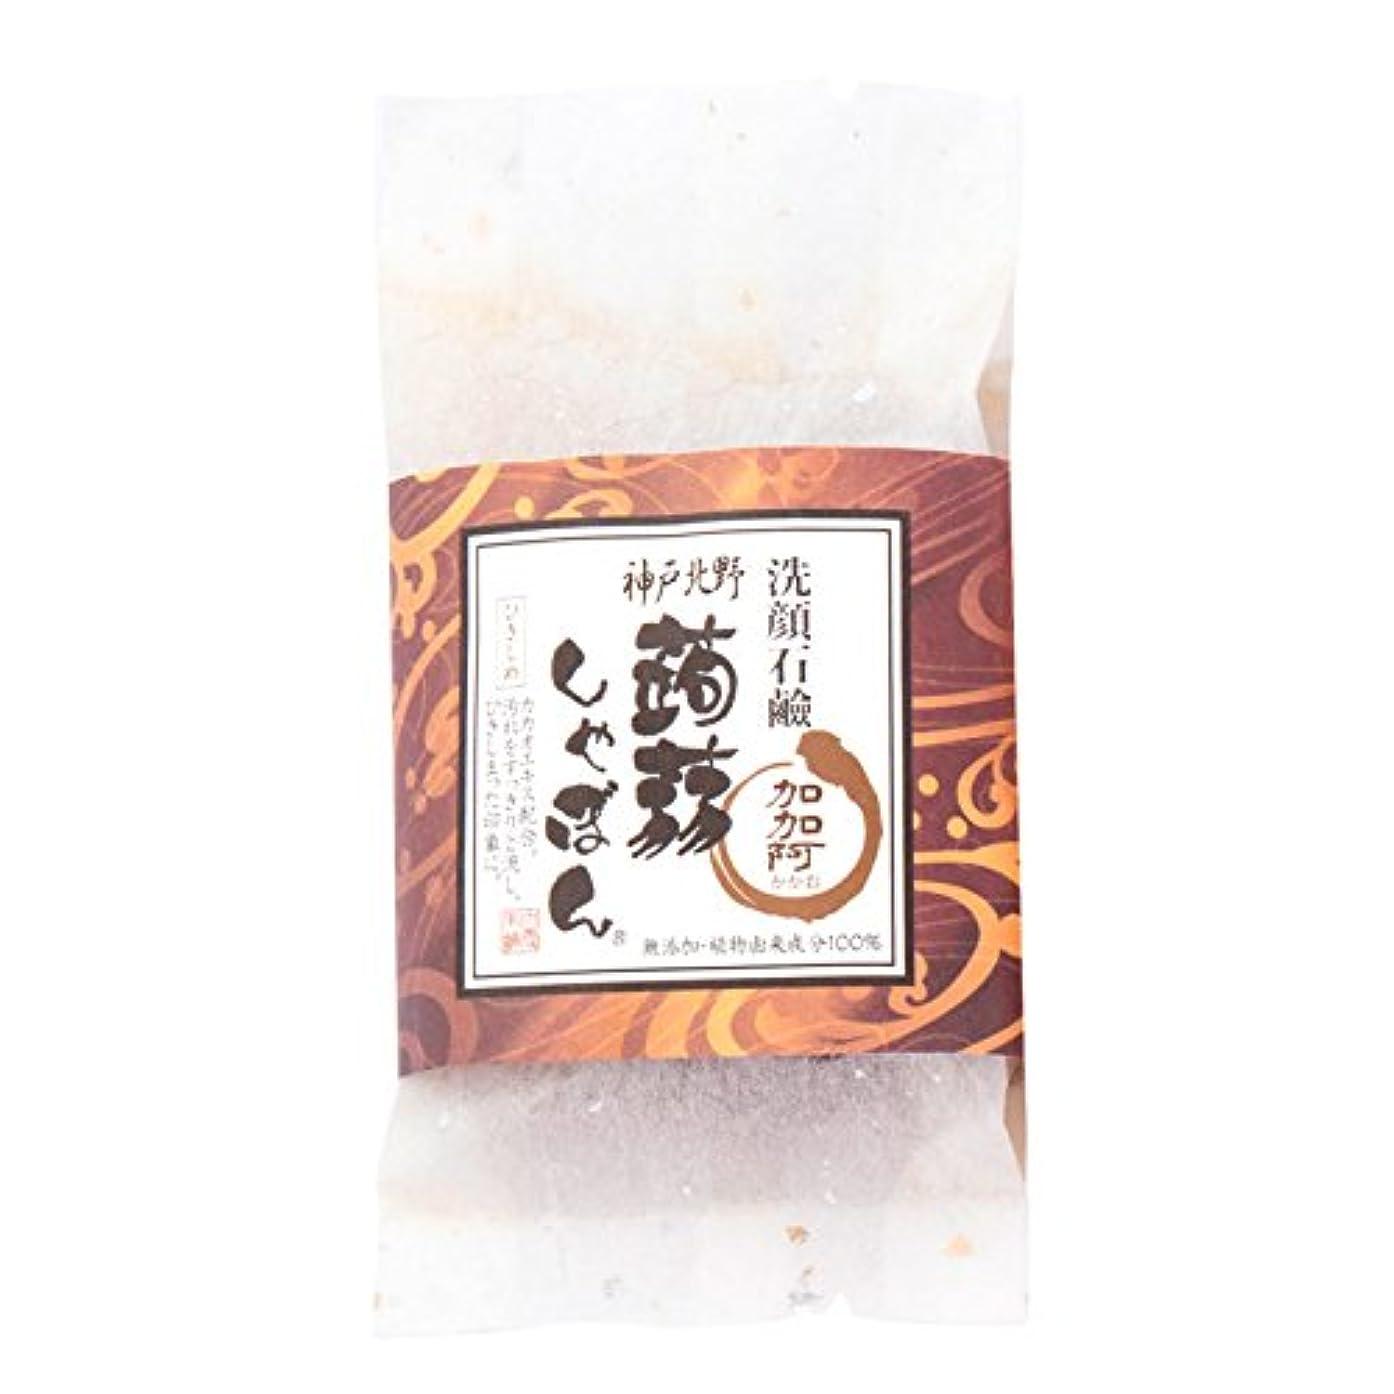 嫉妬日テクニカル神戸蒟蒻しゃぼん神戸 加加阿(かかお)